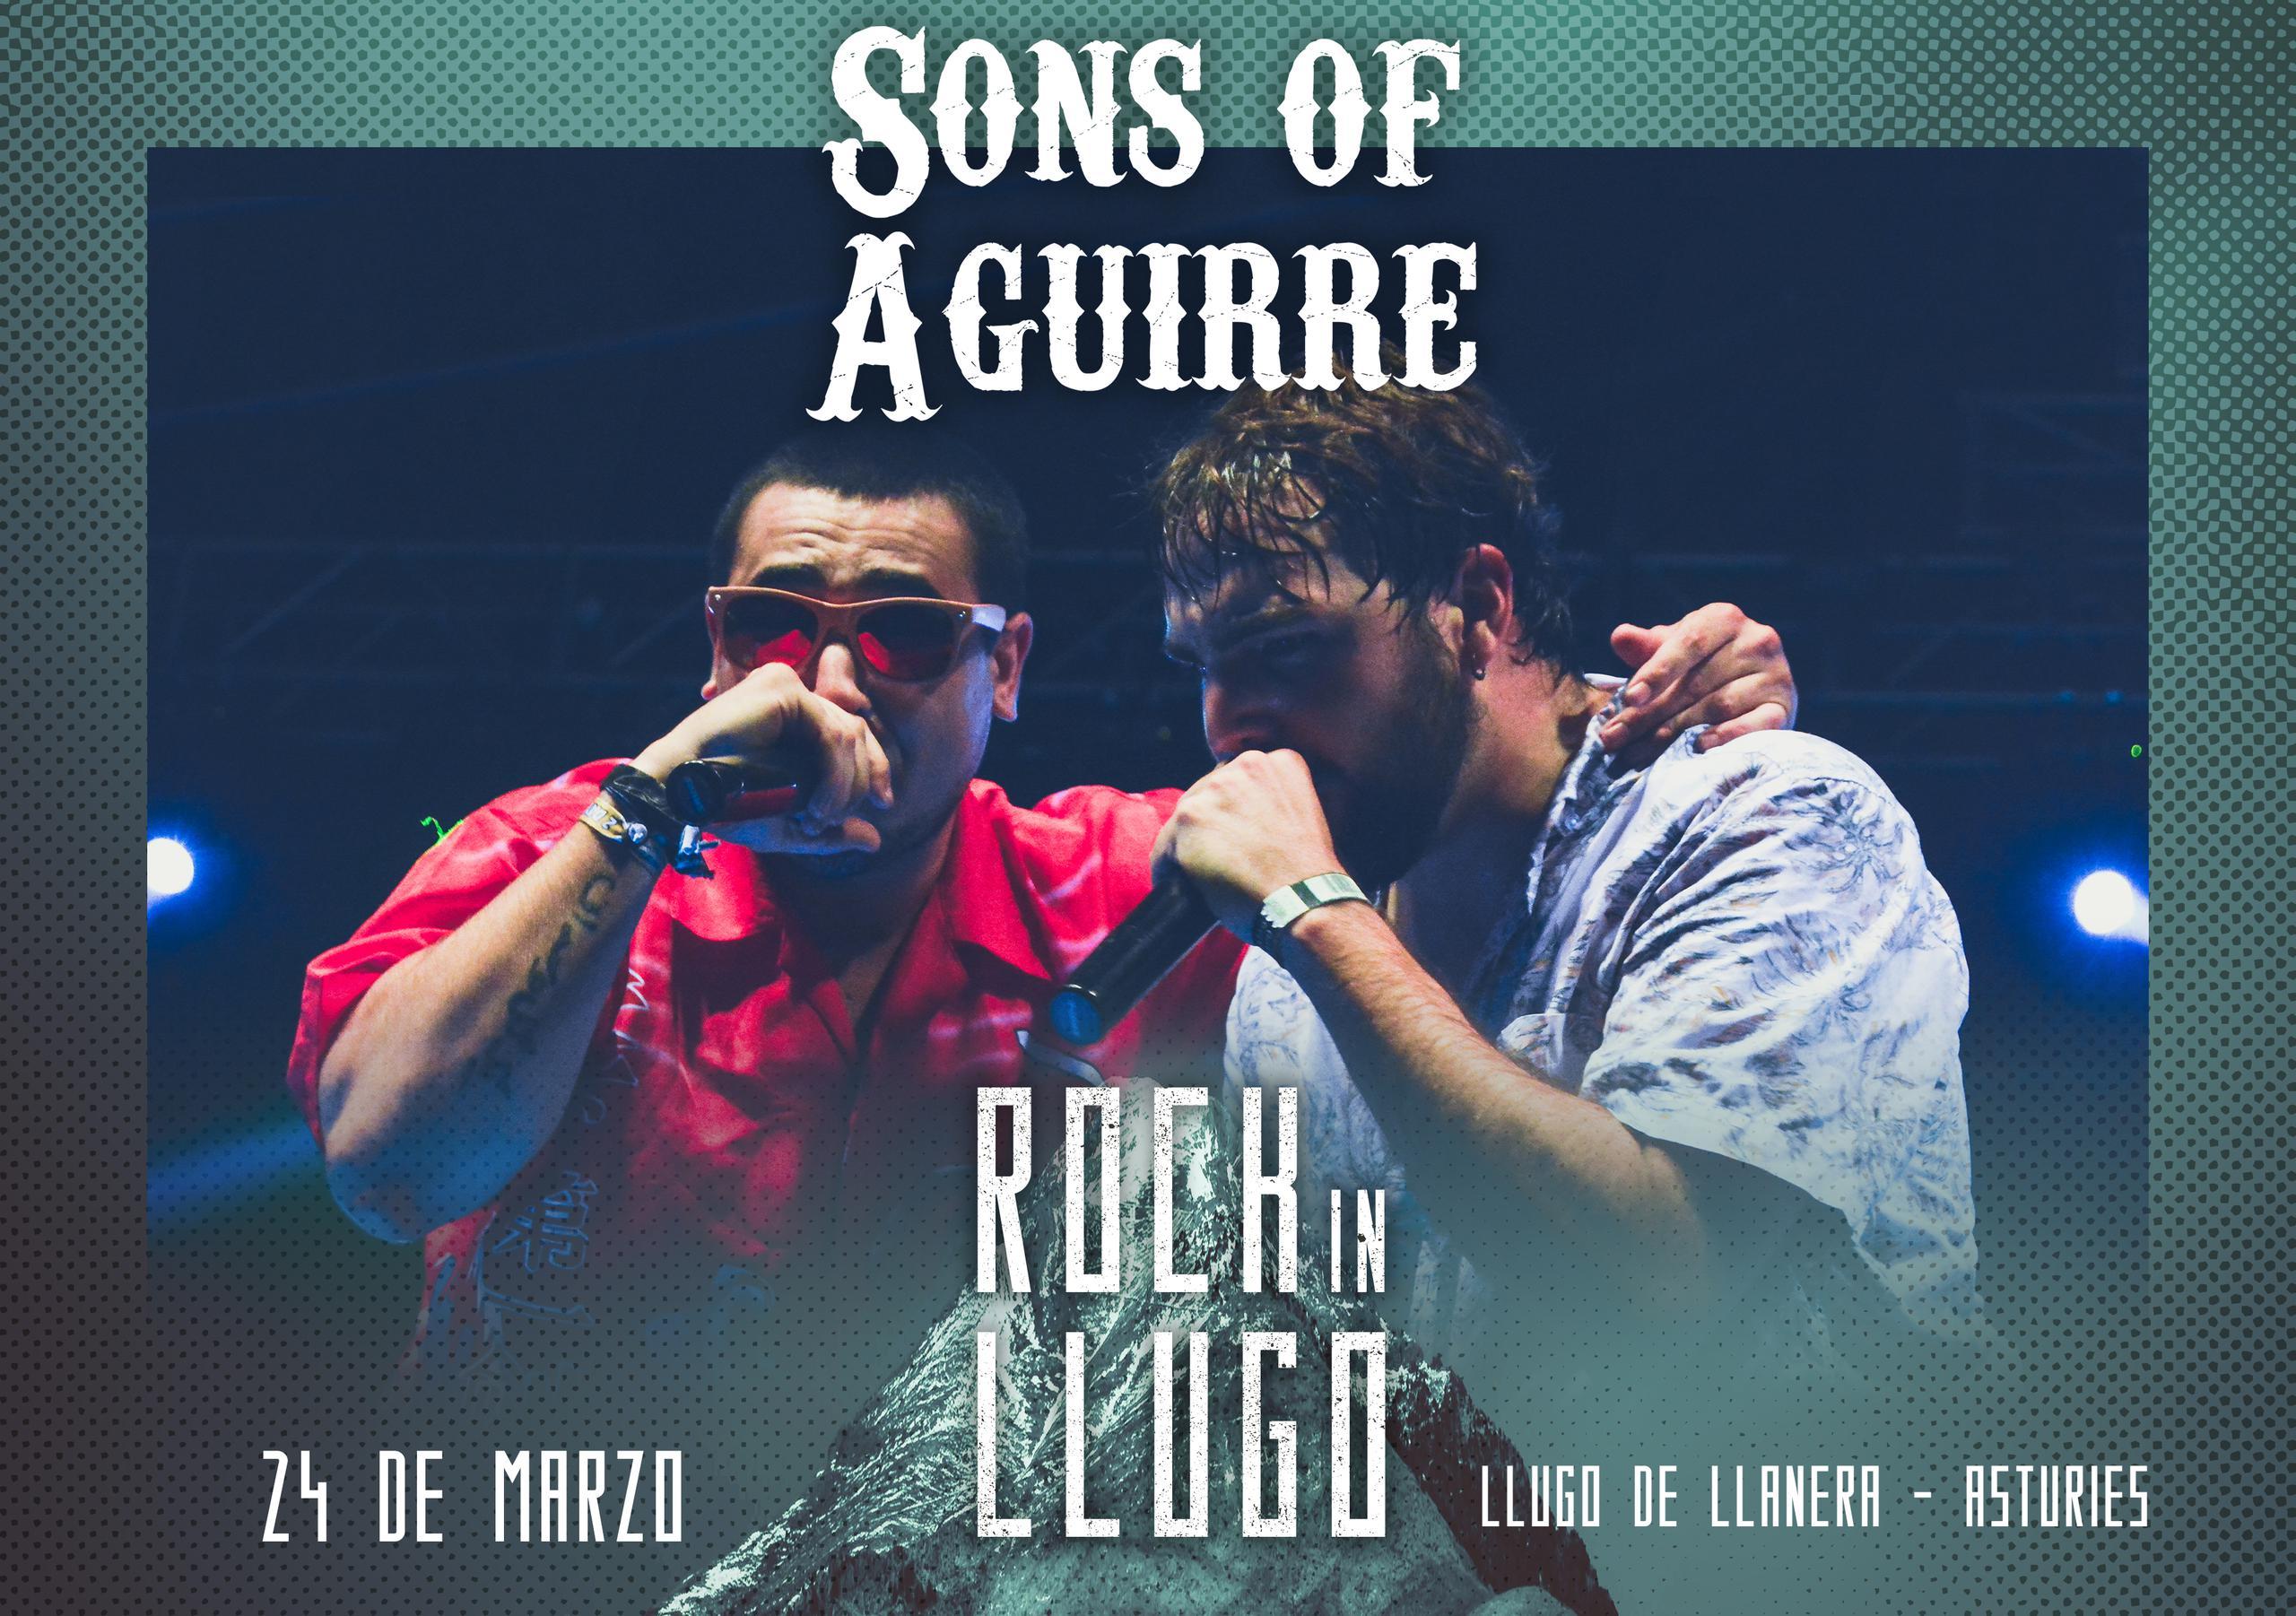 ¡¡Sons of Aguirre estarán en el Rock in Llugo!!